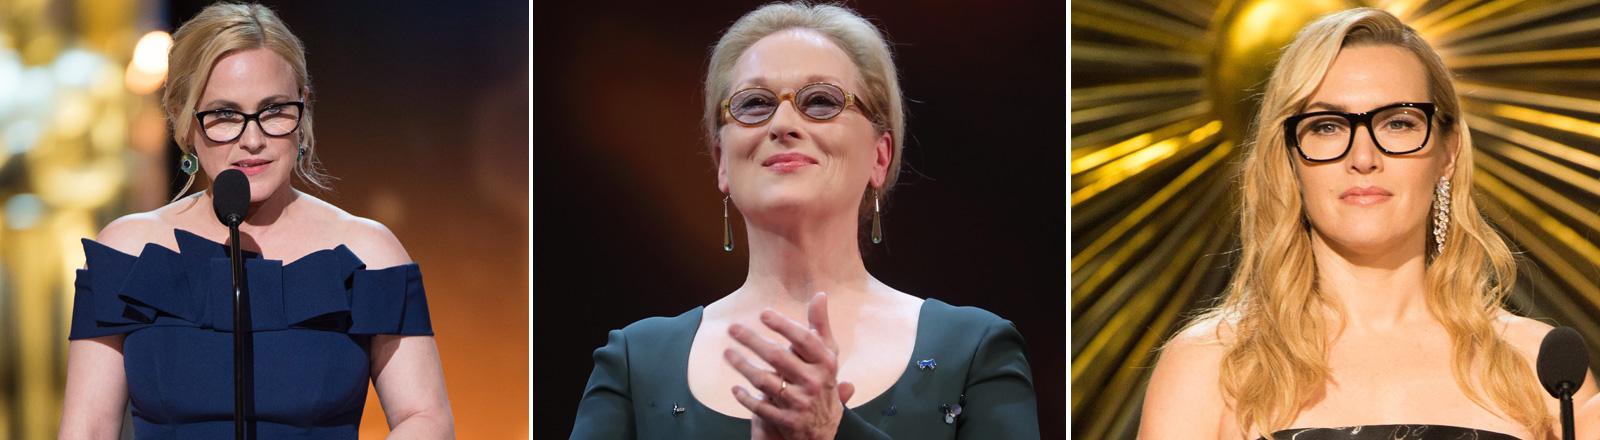 Kate Winslet, Meryl Streep und Patricia Arquette - alle drei mit Brille.